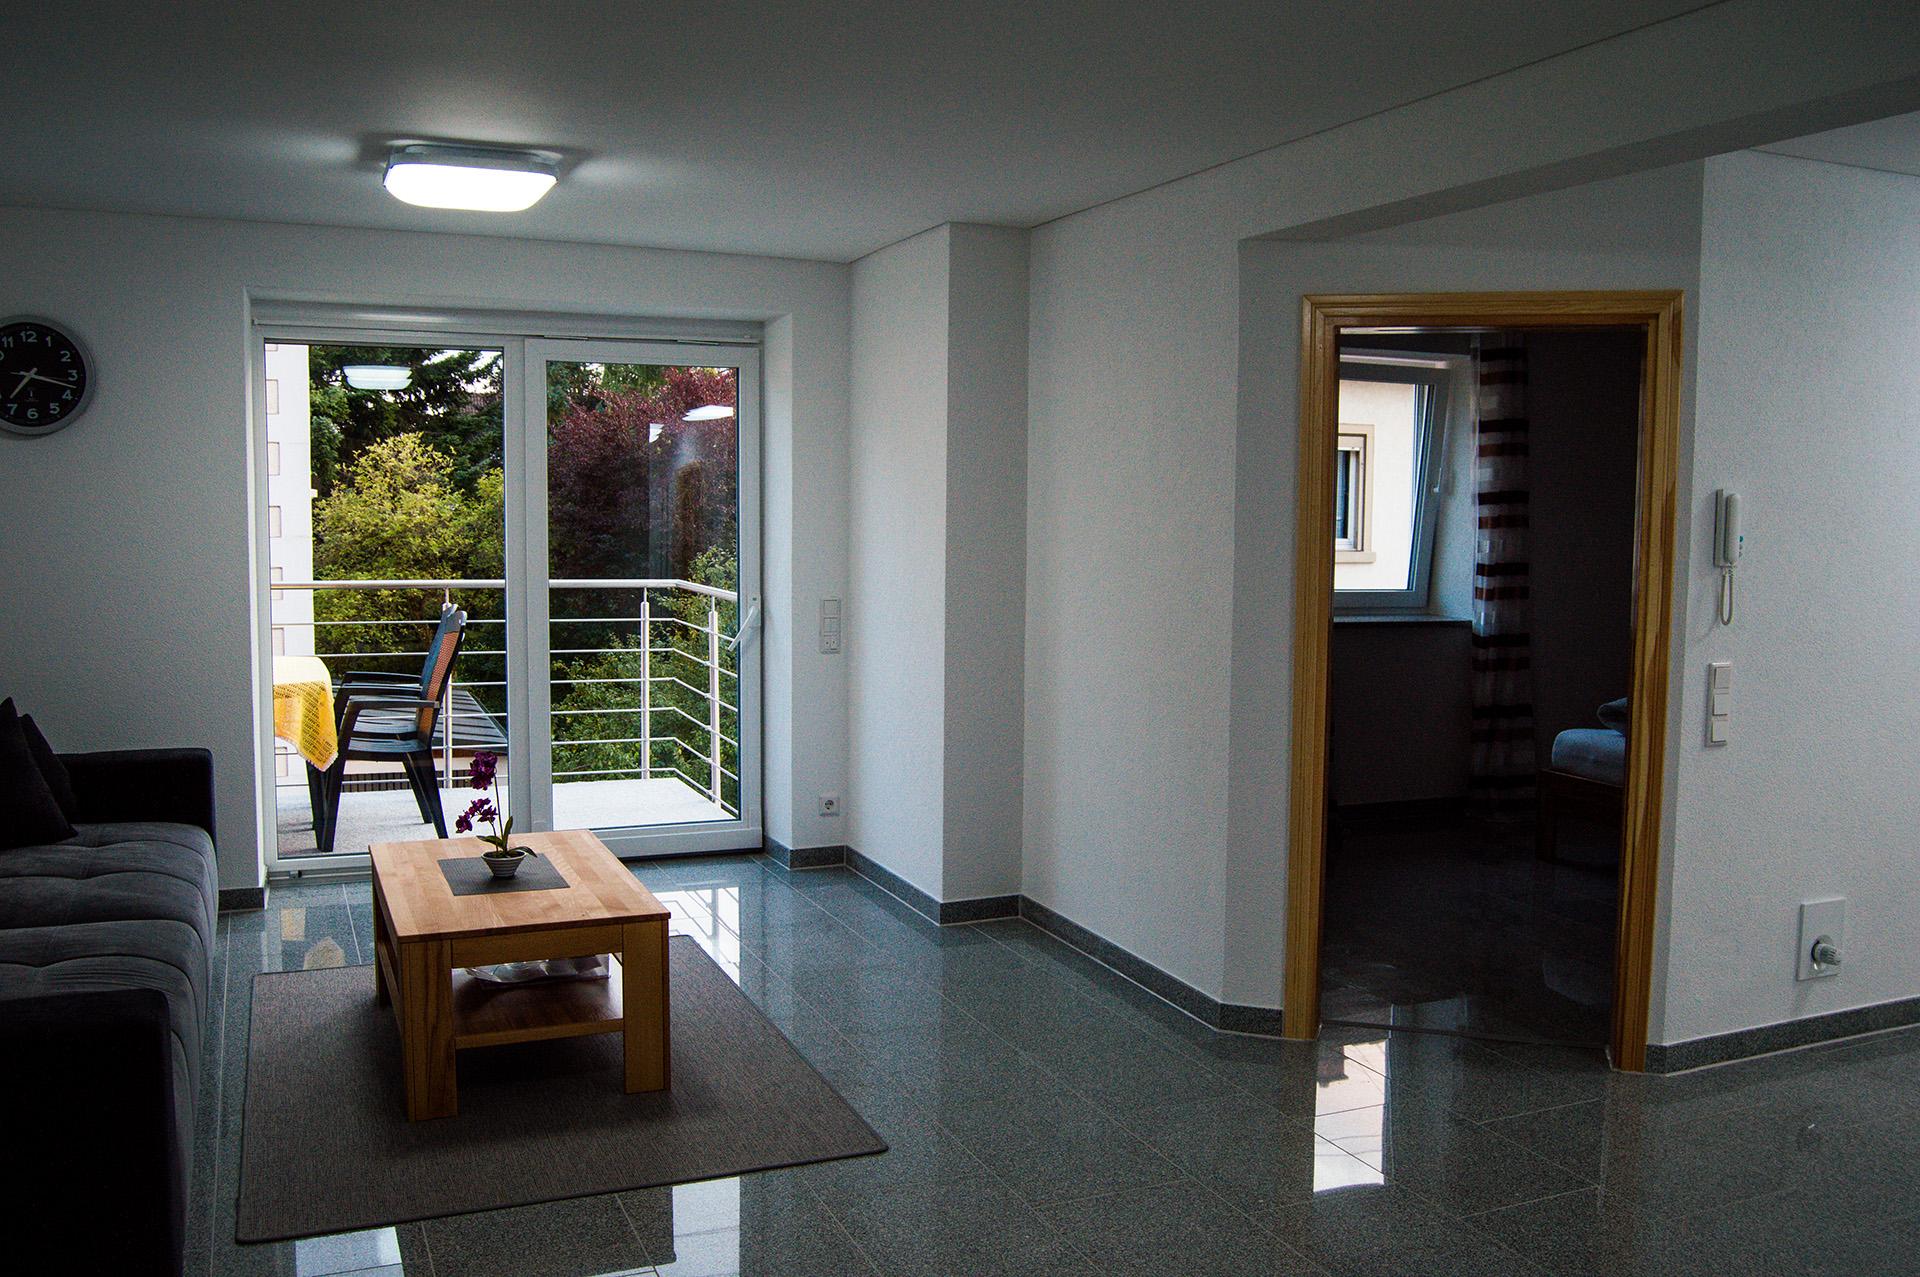 Atemberaubend Wohnbereich Innen Bilder - Images for inspirierende ...